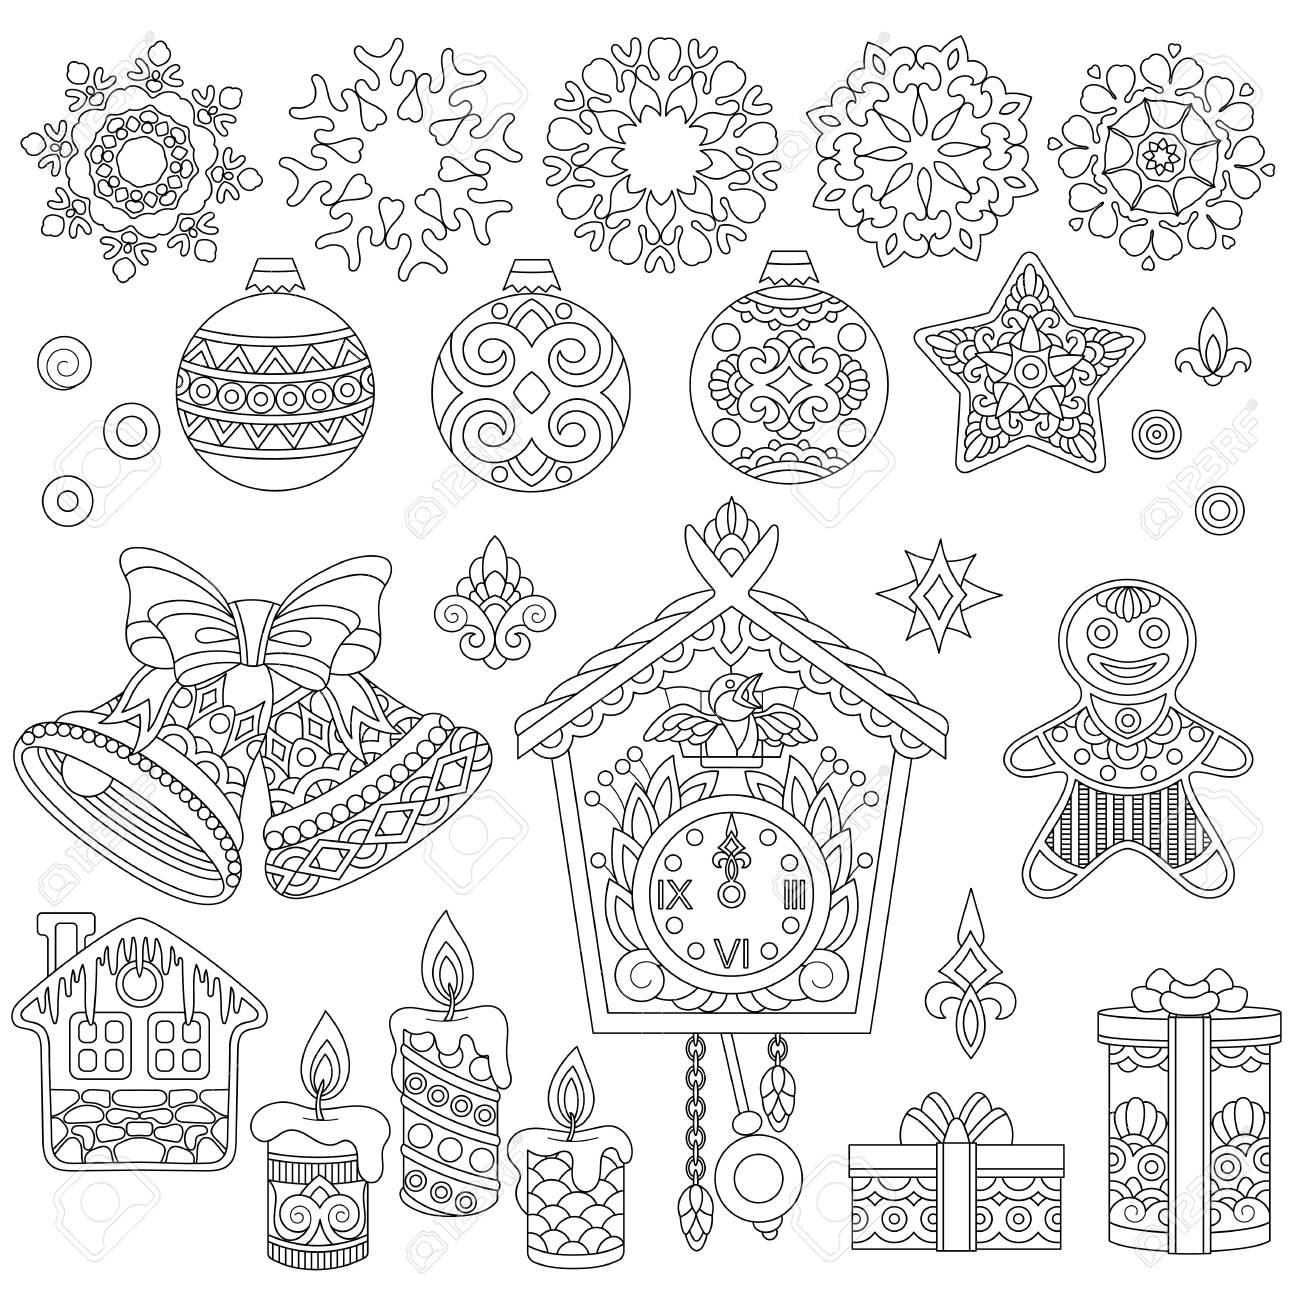 Adornos De Navidad Doodle Página Para Colorear Con Colección De Decoraciones Navideñas Para 2018 Feliz Año Nuevo Tarjeta De Felicitación O Adulta